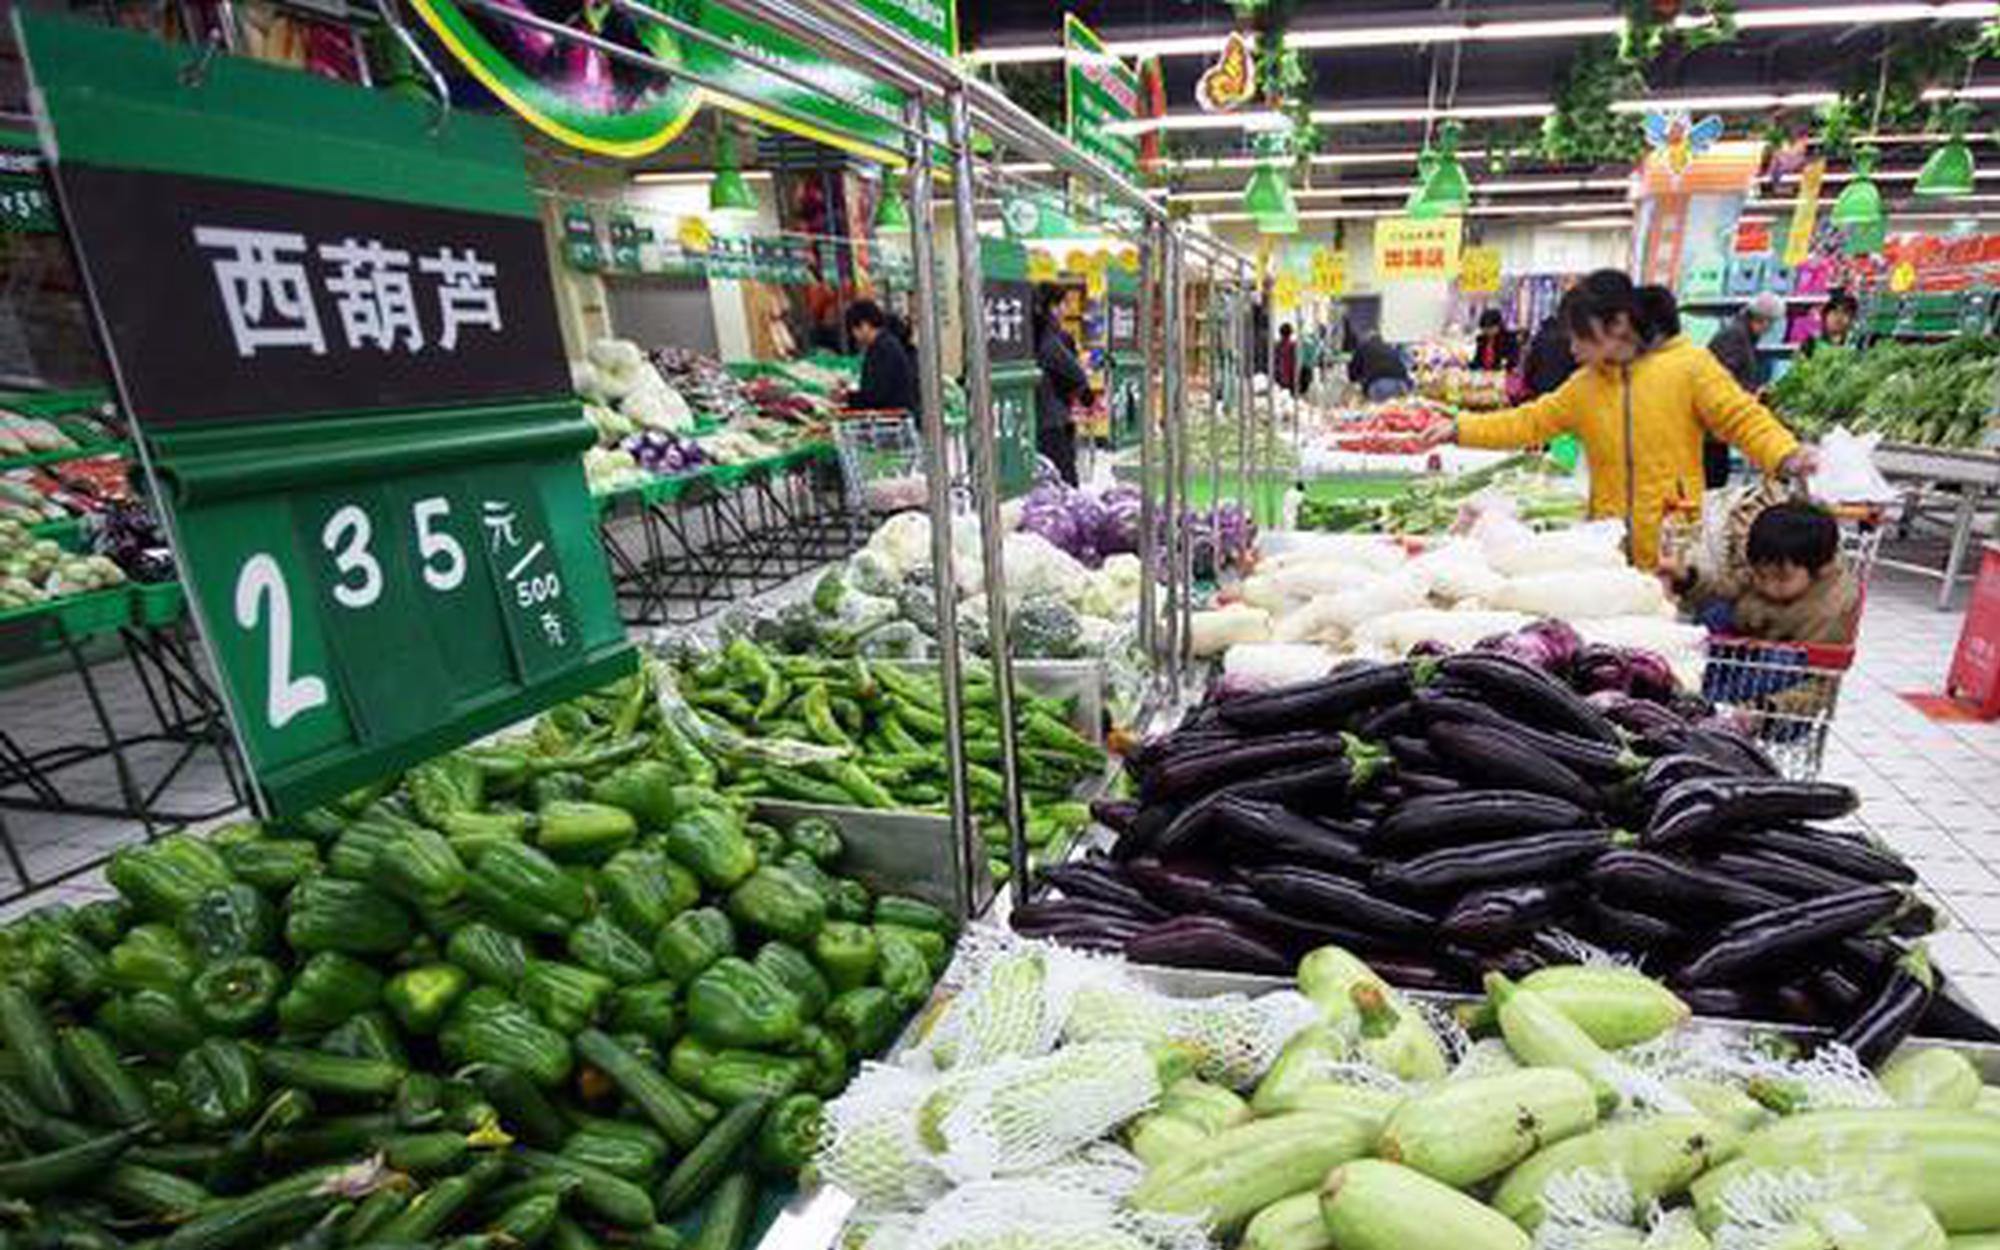 寧(ning)夏近期主要農畜產品價格繼續(xu)呈回落(luo)態勢